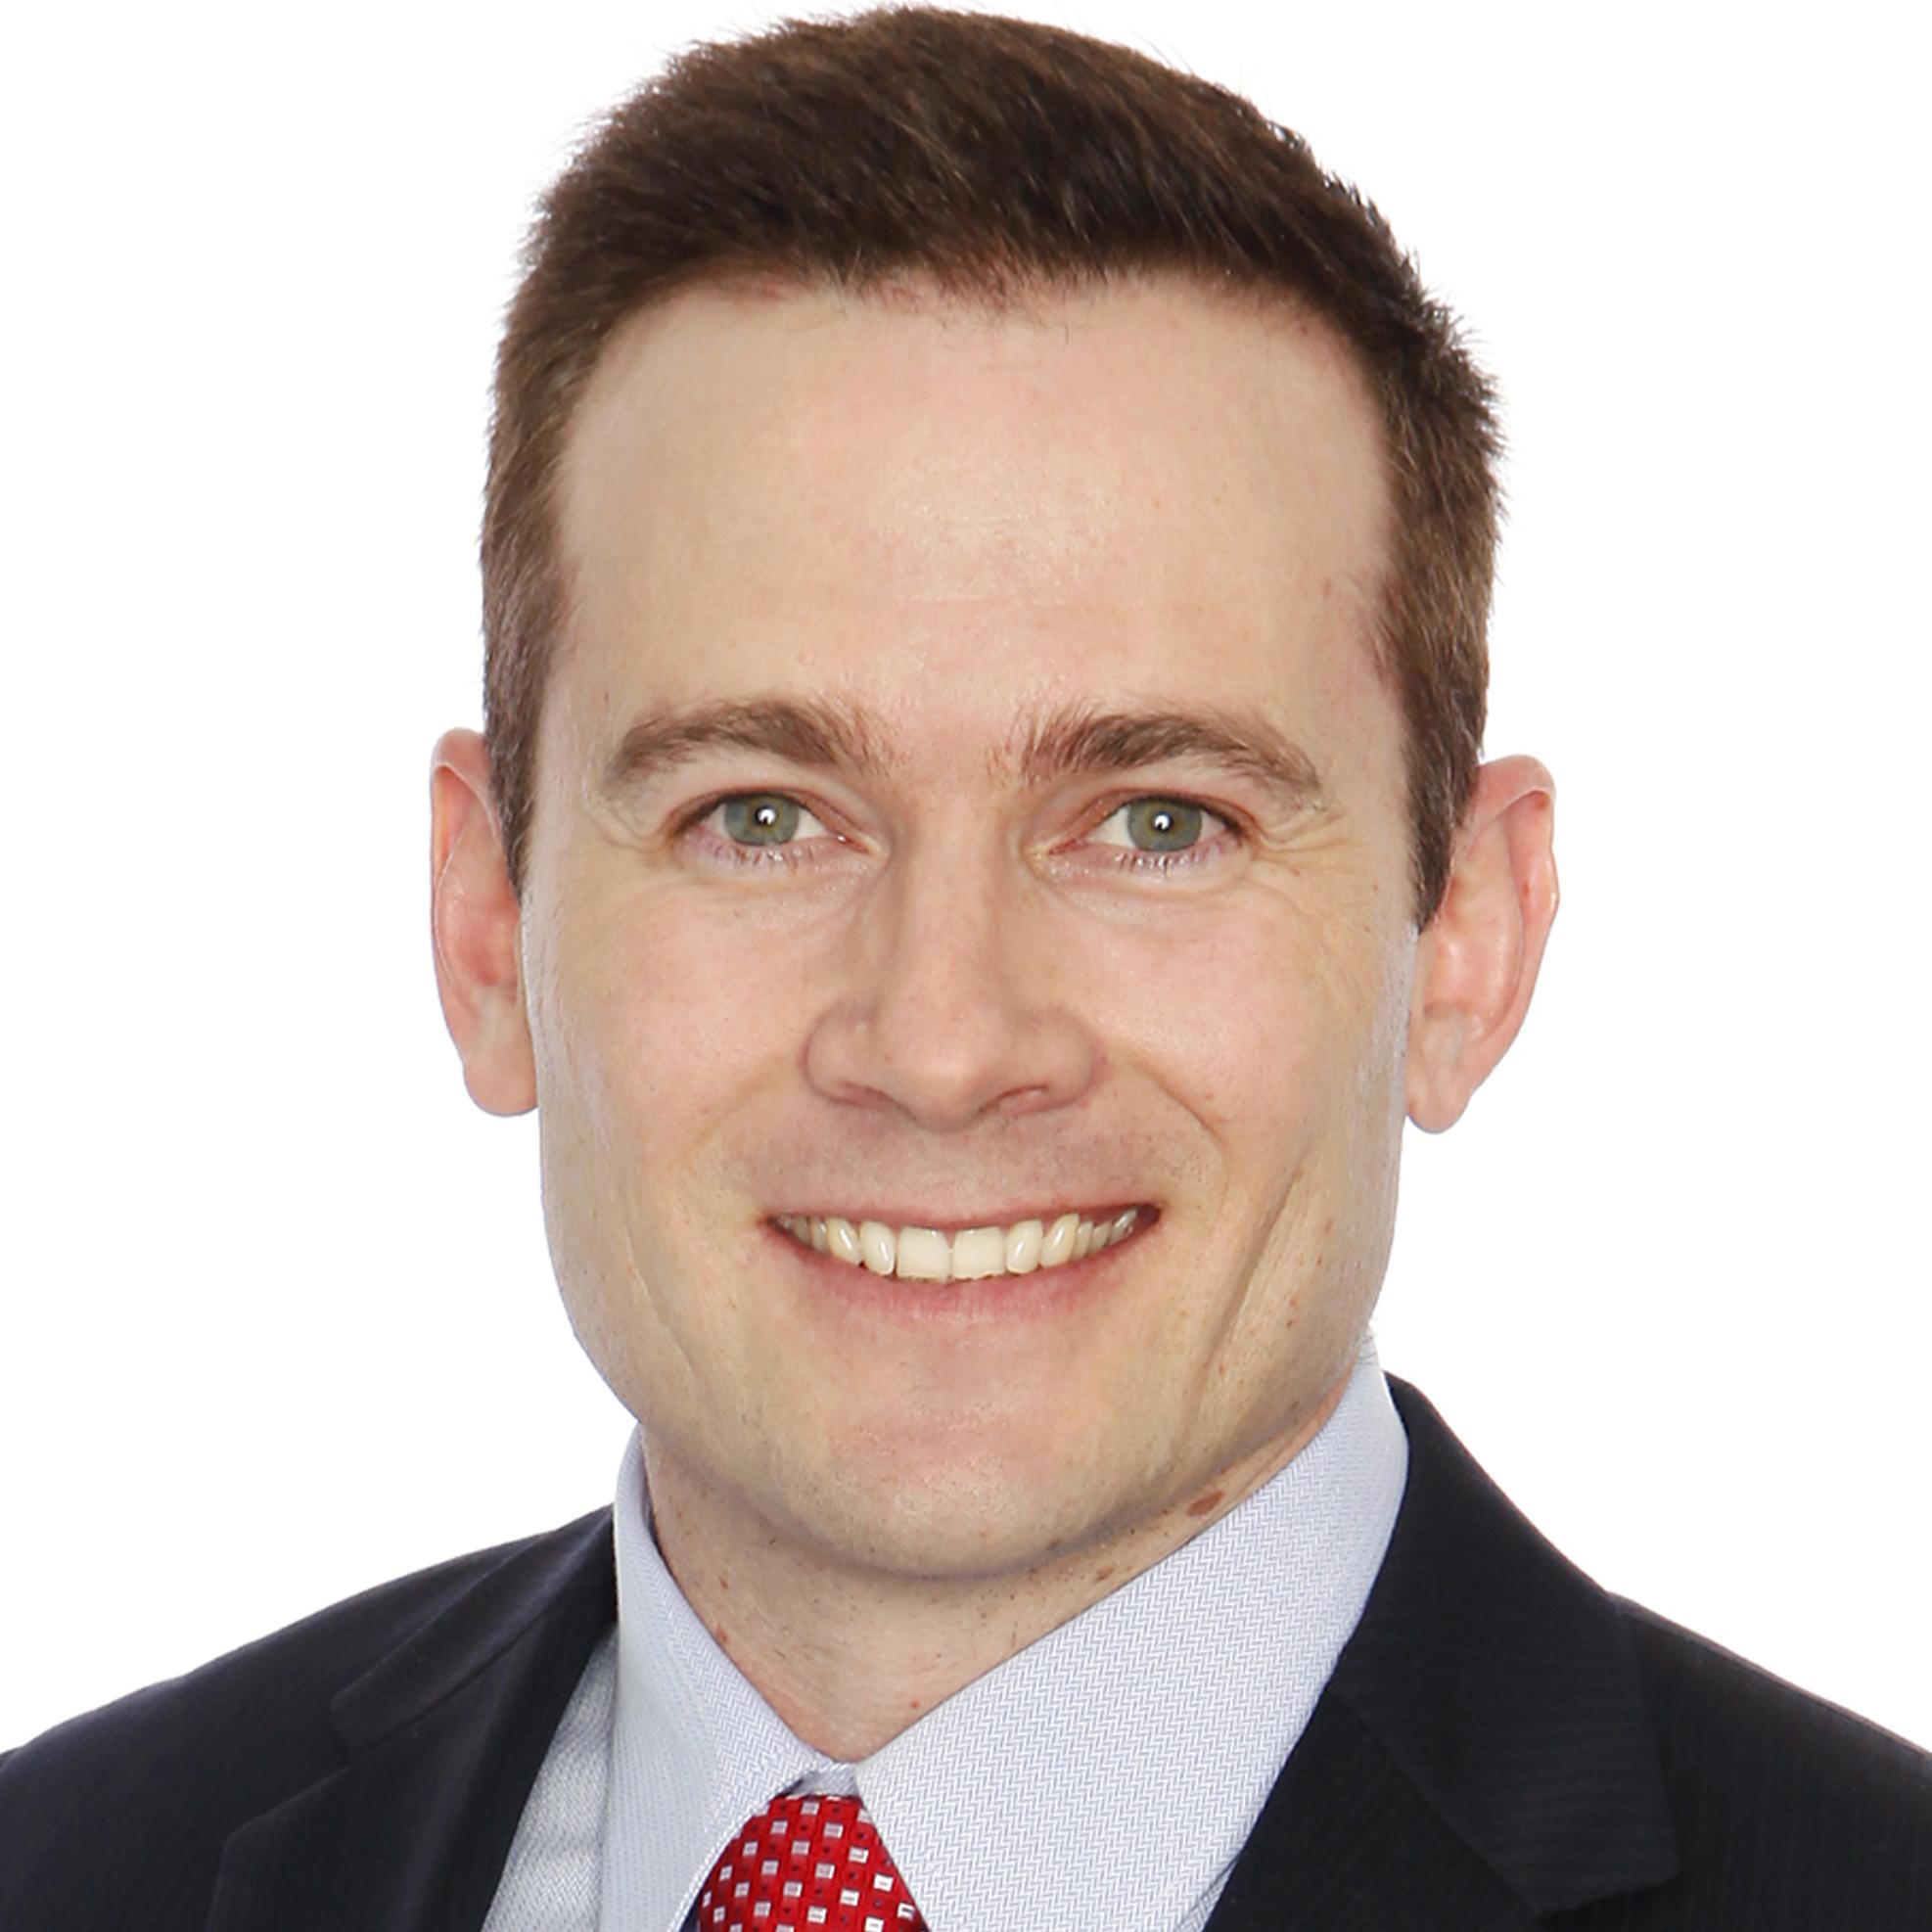 Matthew Royal